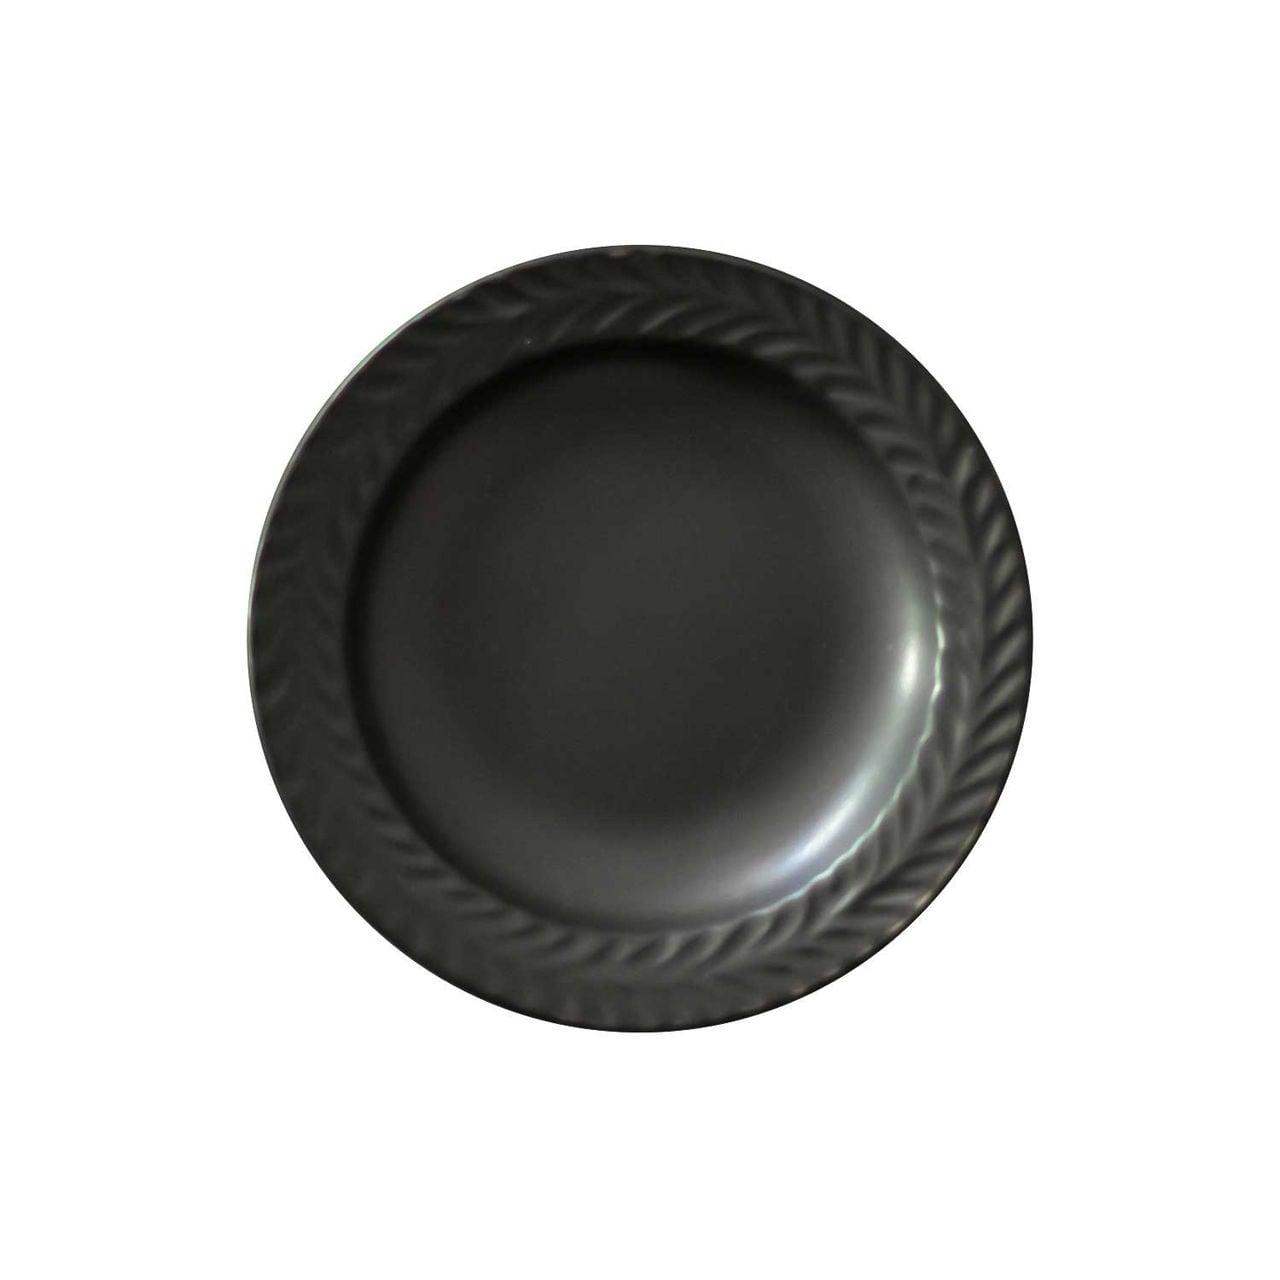 波佐見焼 翔芳窯 ローズマリー リムプレート 皿 約10cm マットブラック 33385